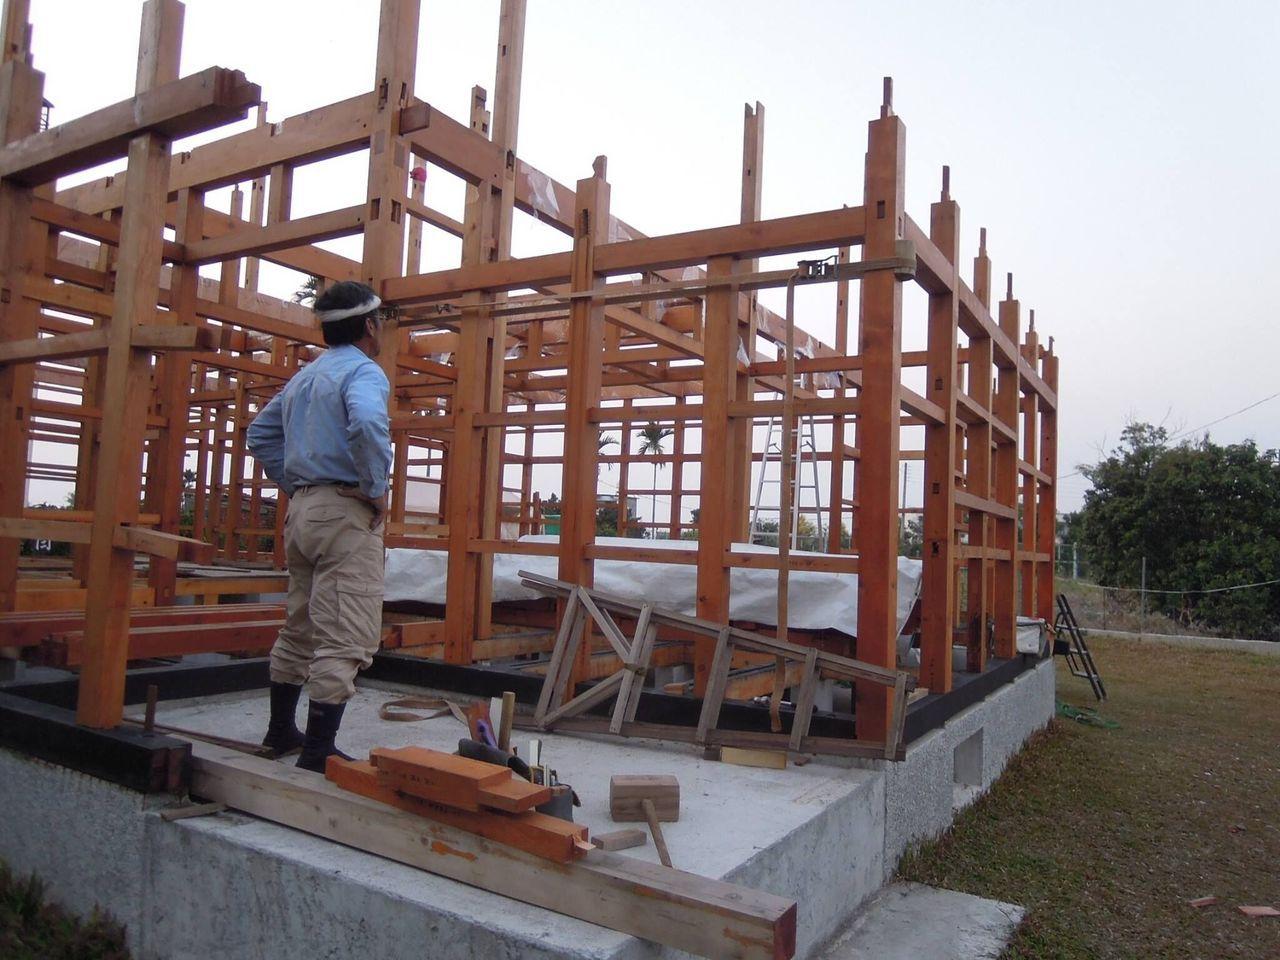 楊三二從立樁開始一步步朝蓋屋的夢想前進。 圖/一冊大木家屋攝影師 童裕謙提供